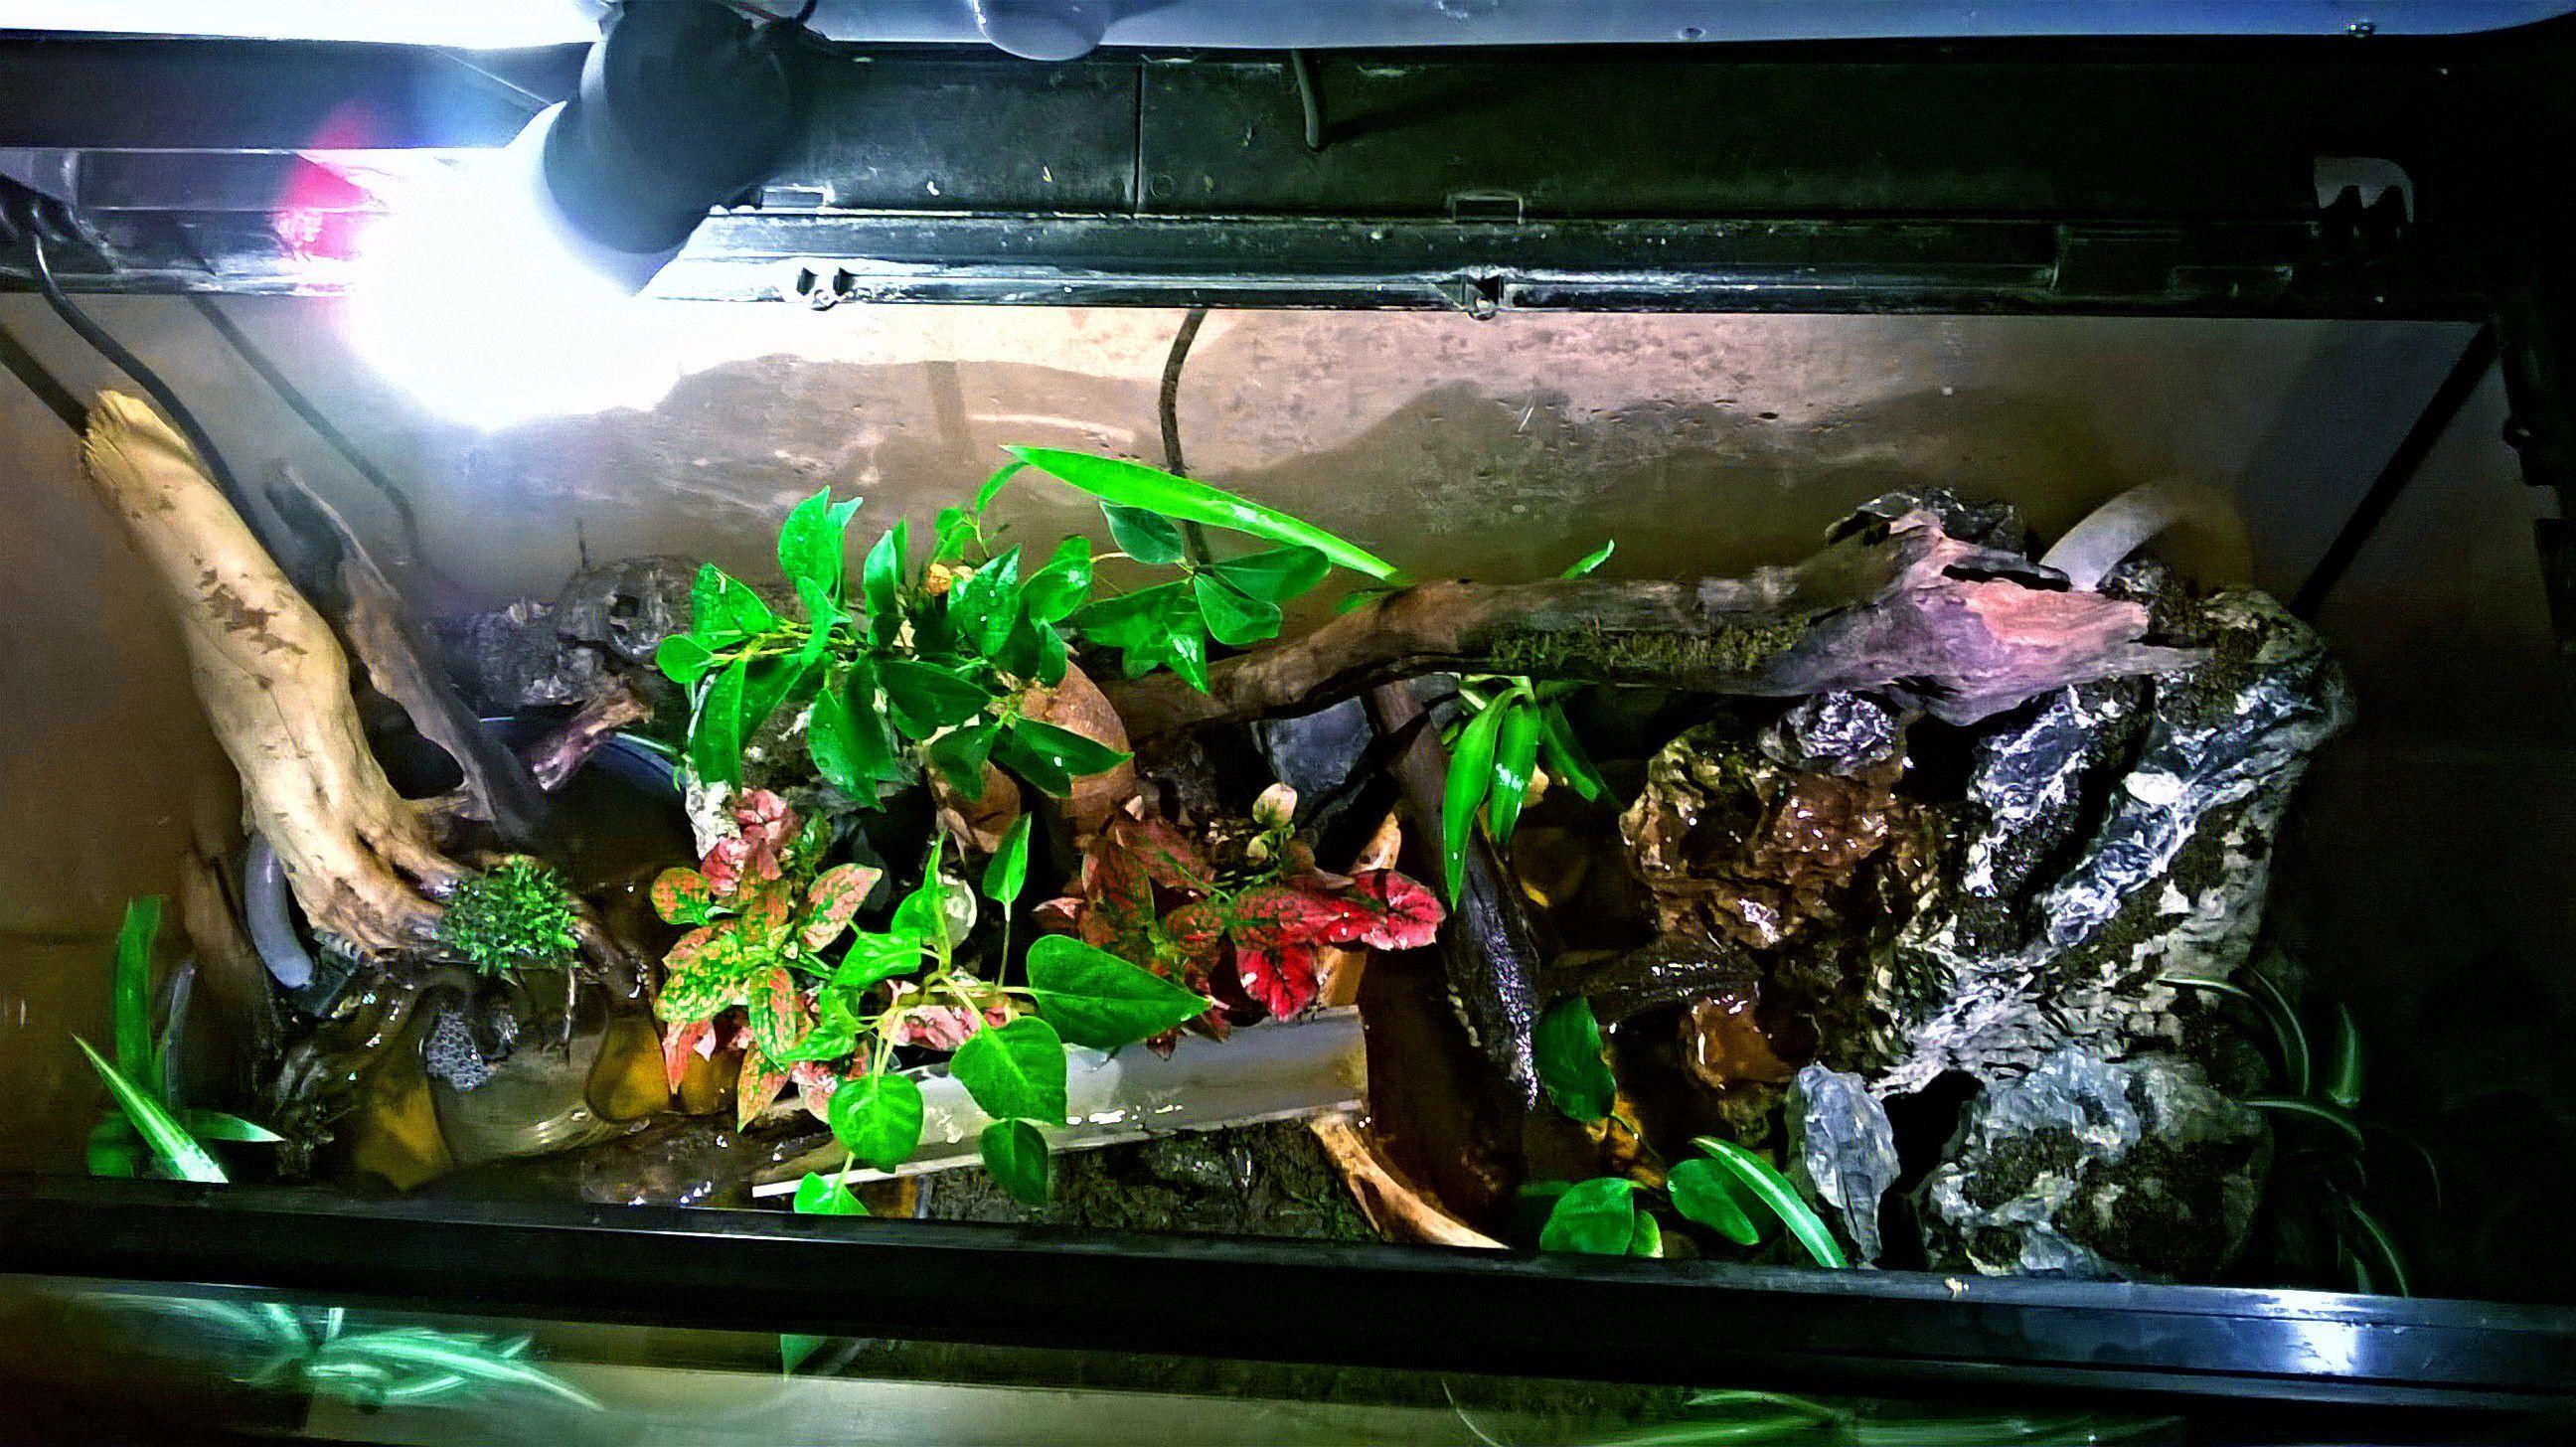 Meilleur De De Ventilateur Aquarium Schème